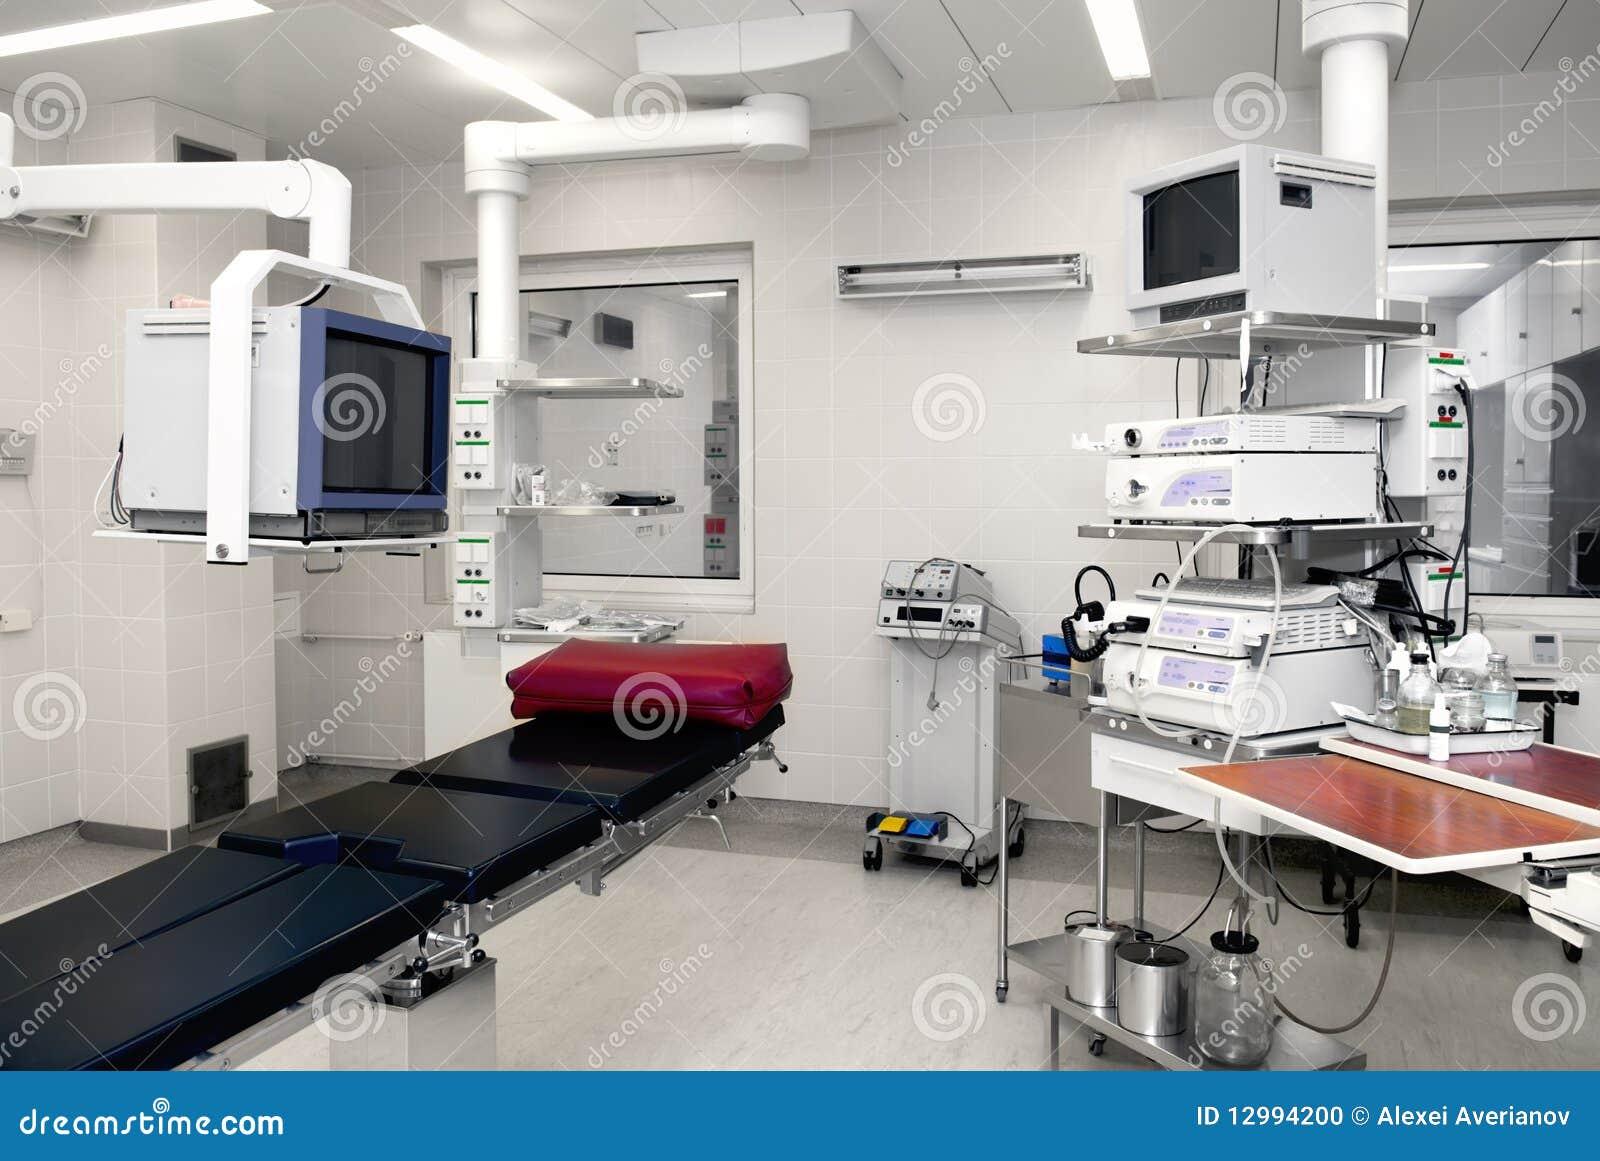 医院手术室图片